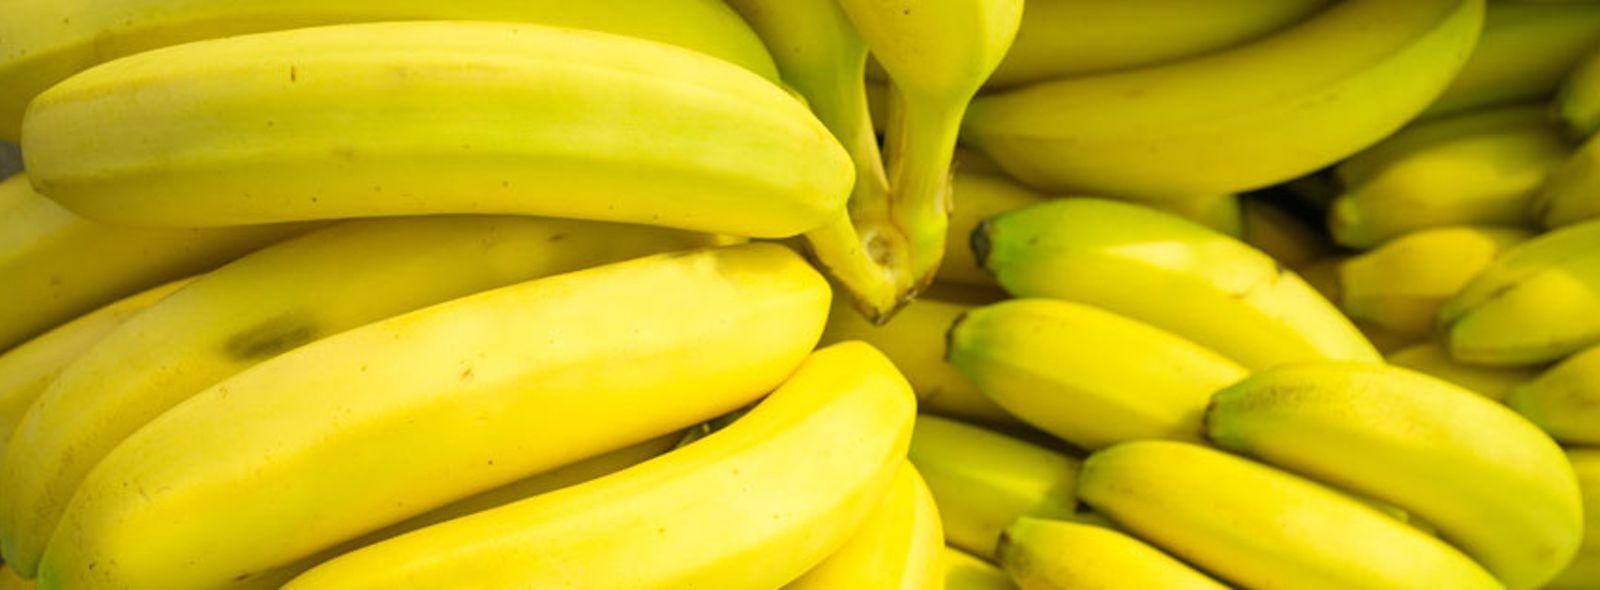 Perdere peso con la dieta della banana